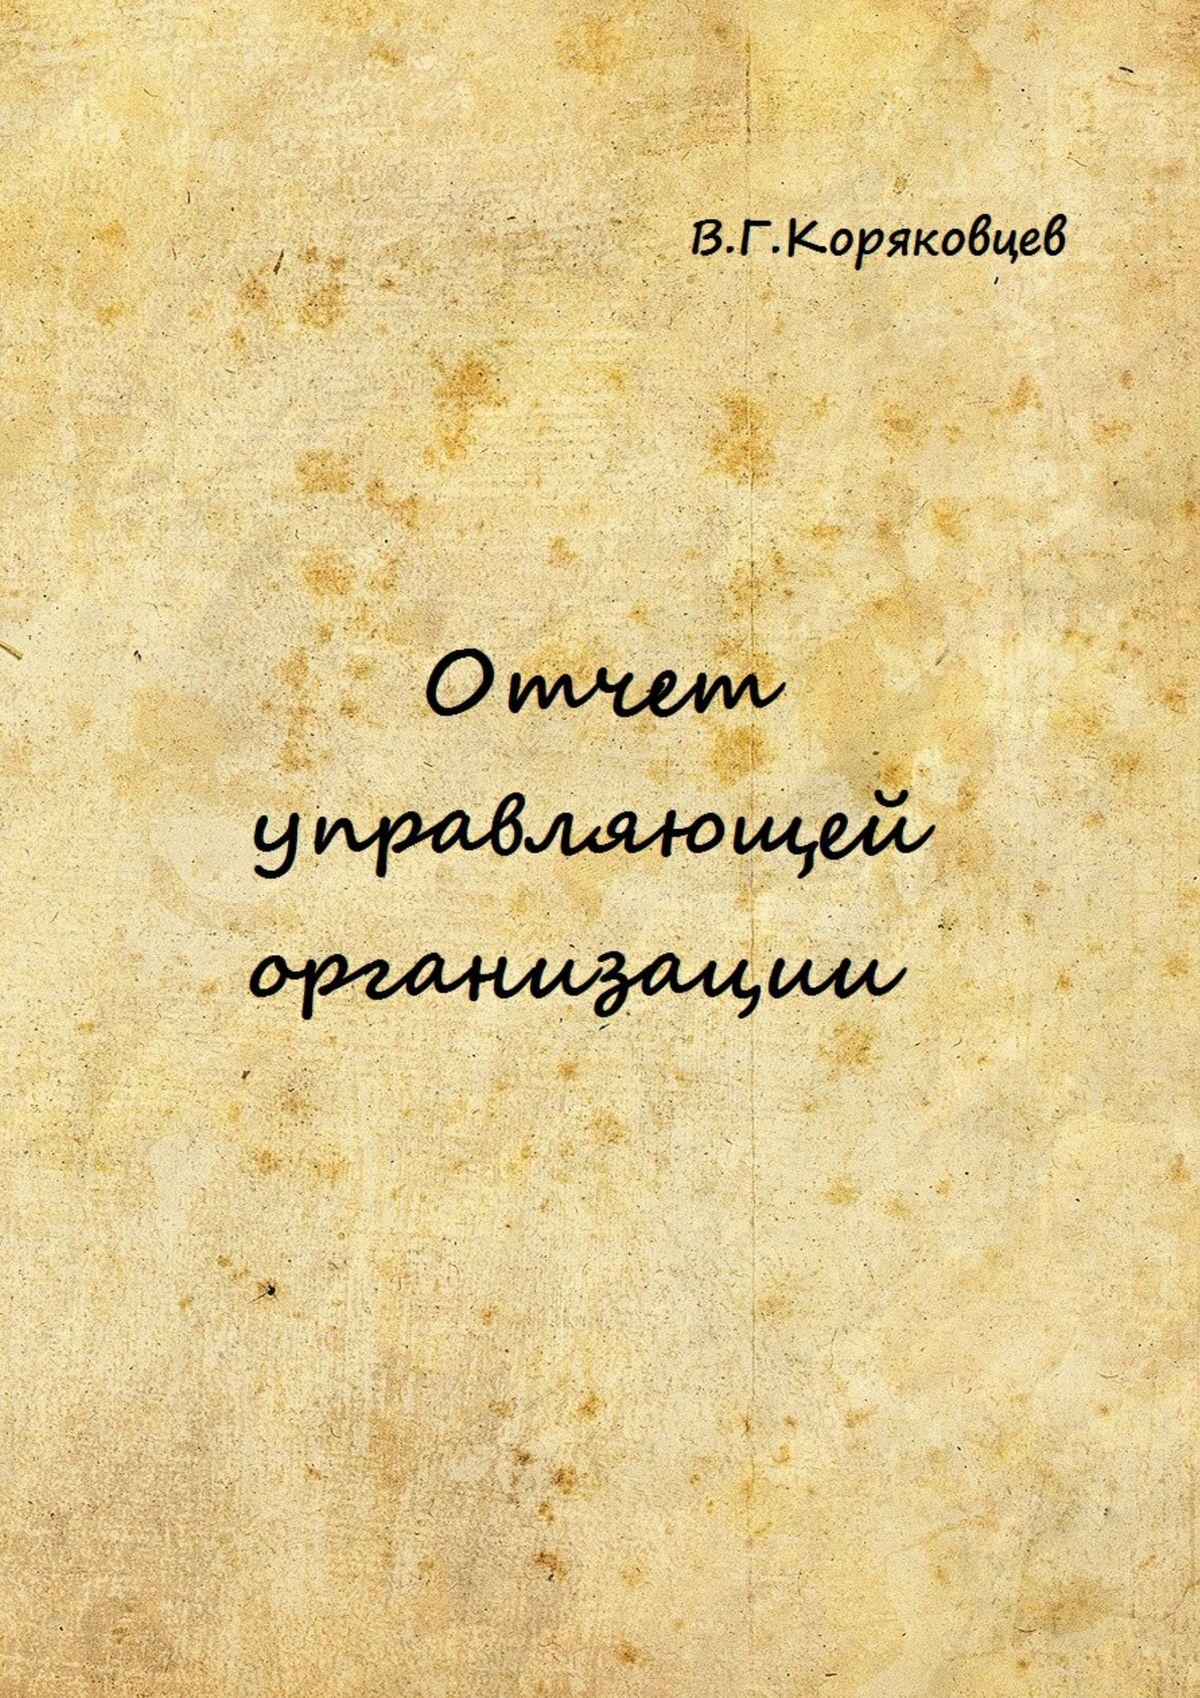 фото обложки издания Отчет управляющей организации